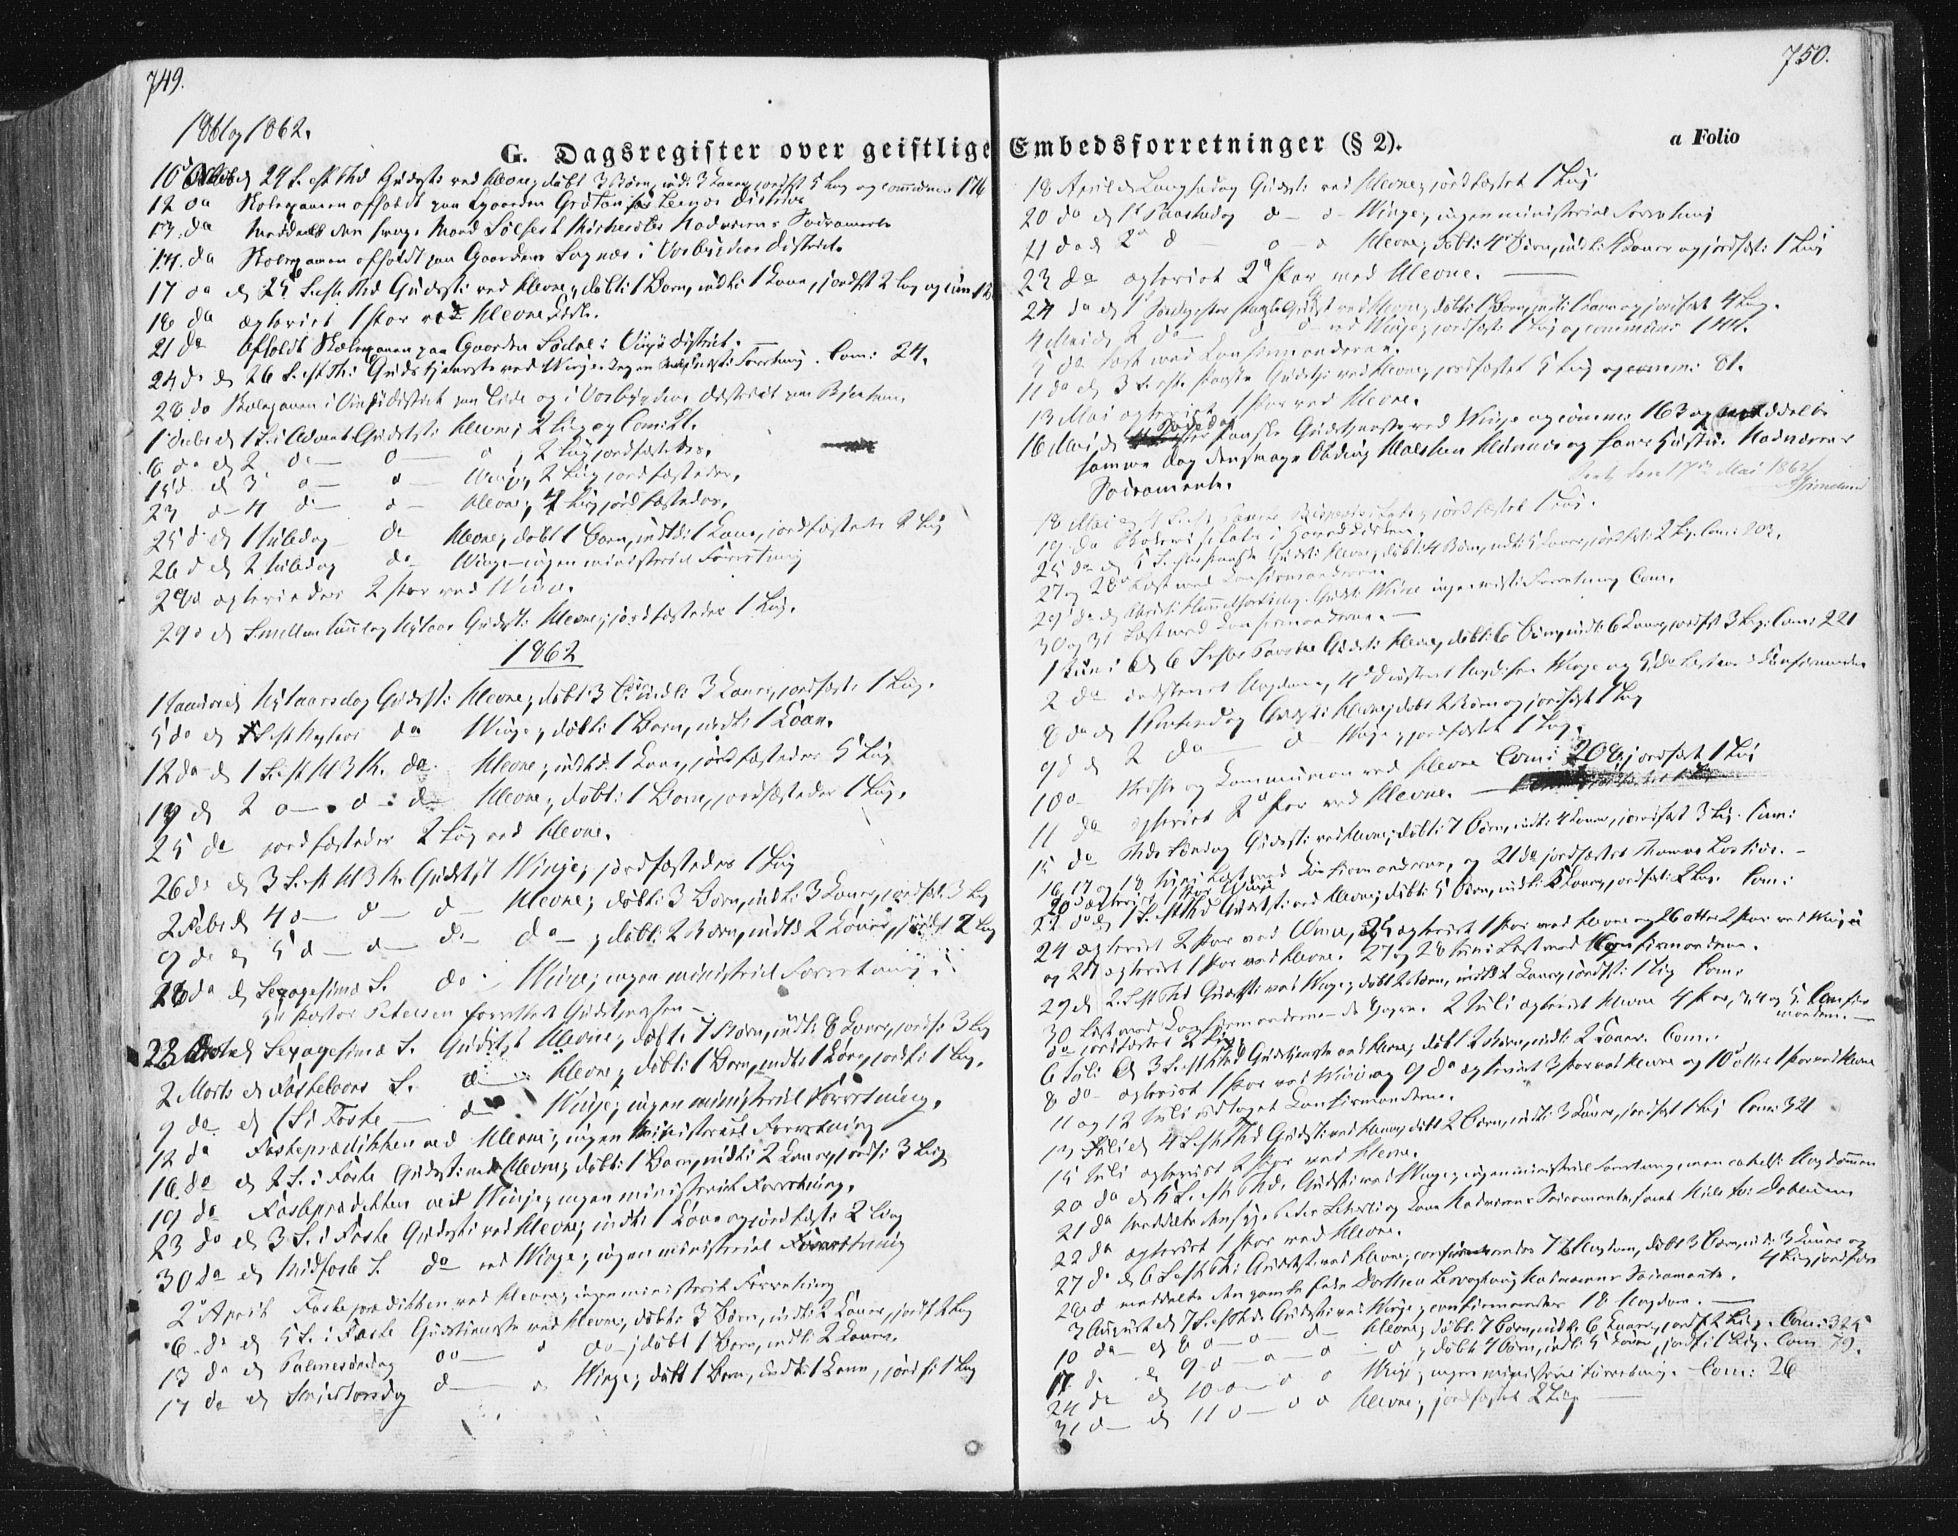 SAT, Ministerialprotokoller, klokkerbøker og fødselsregistre - Sør-Trøndelag, 630/L0494: Ministerialbok nr. 630A07, 1852-1868, s. 749-750